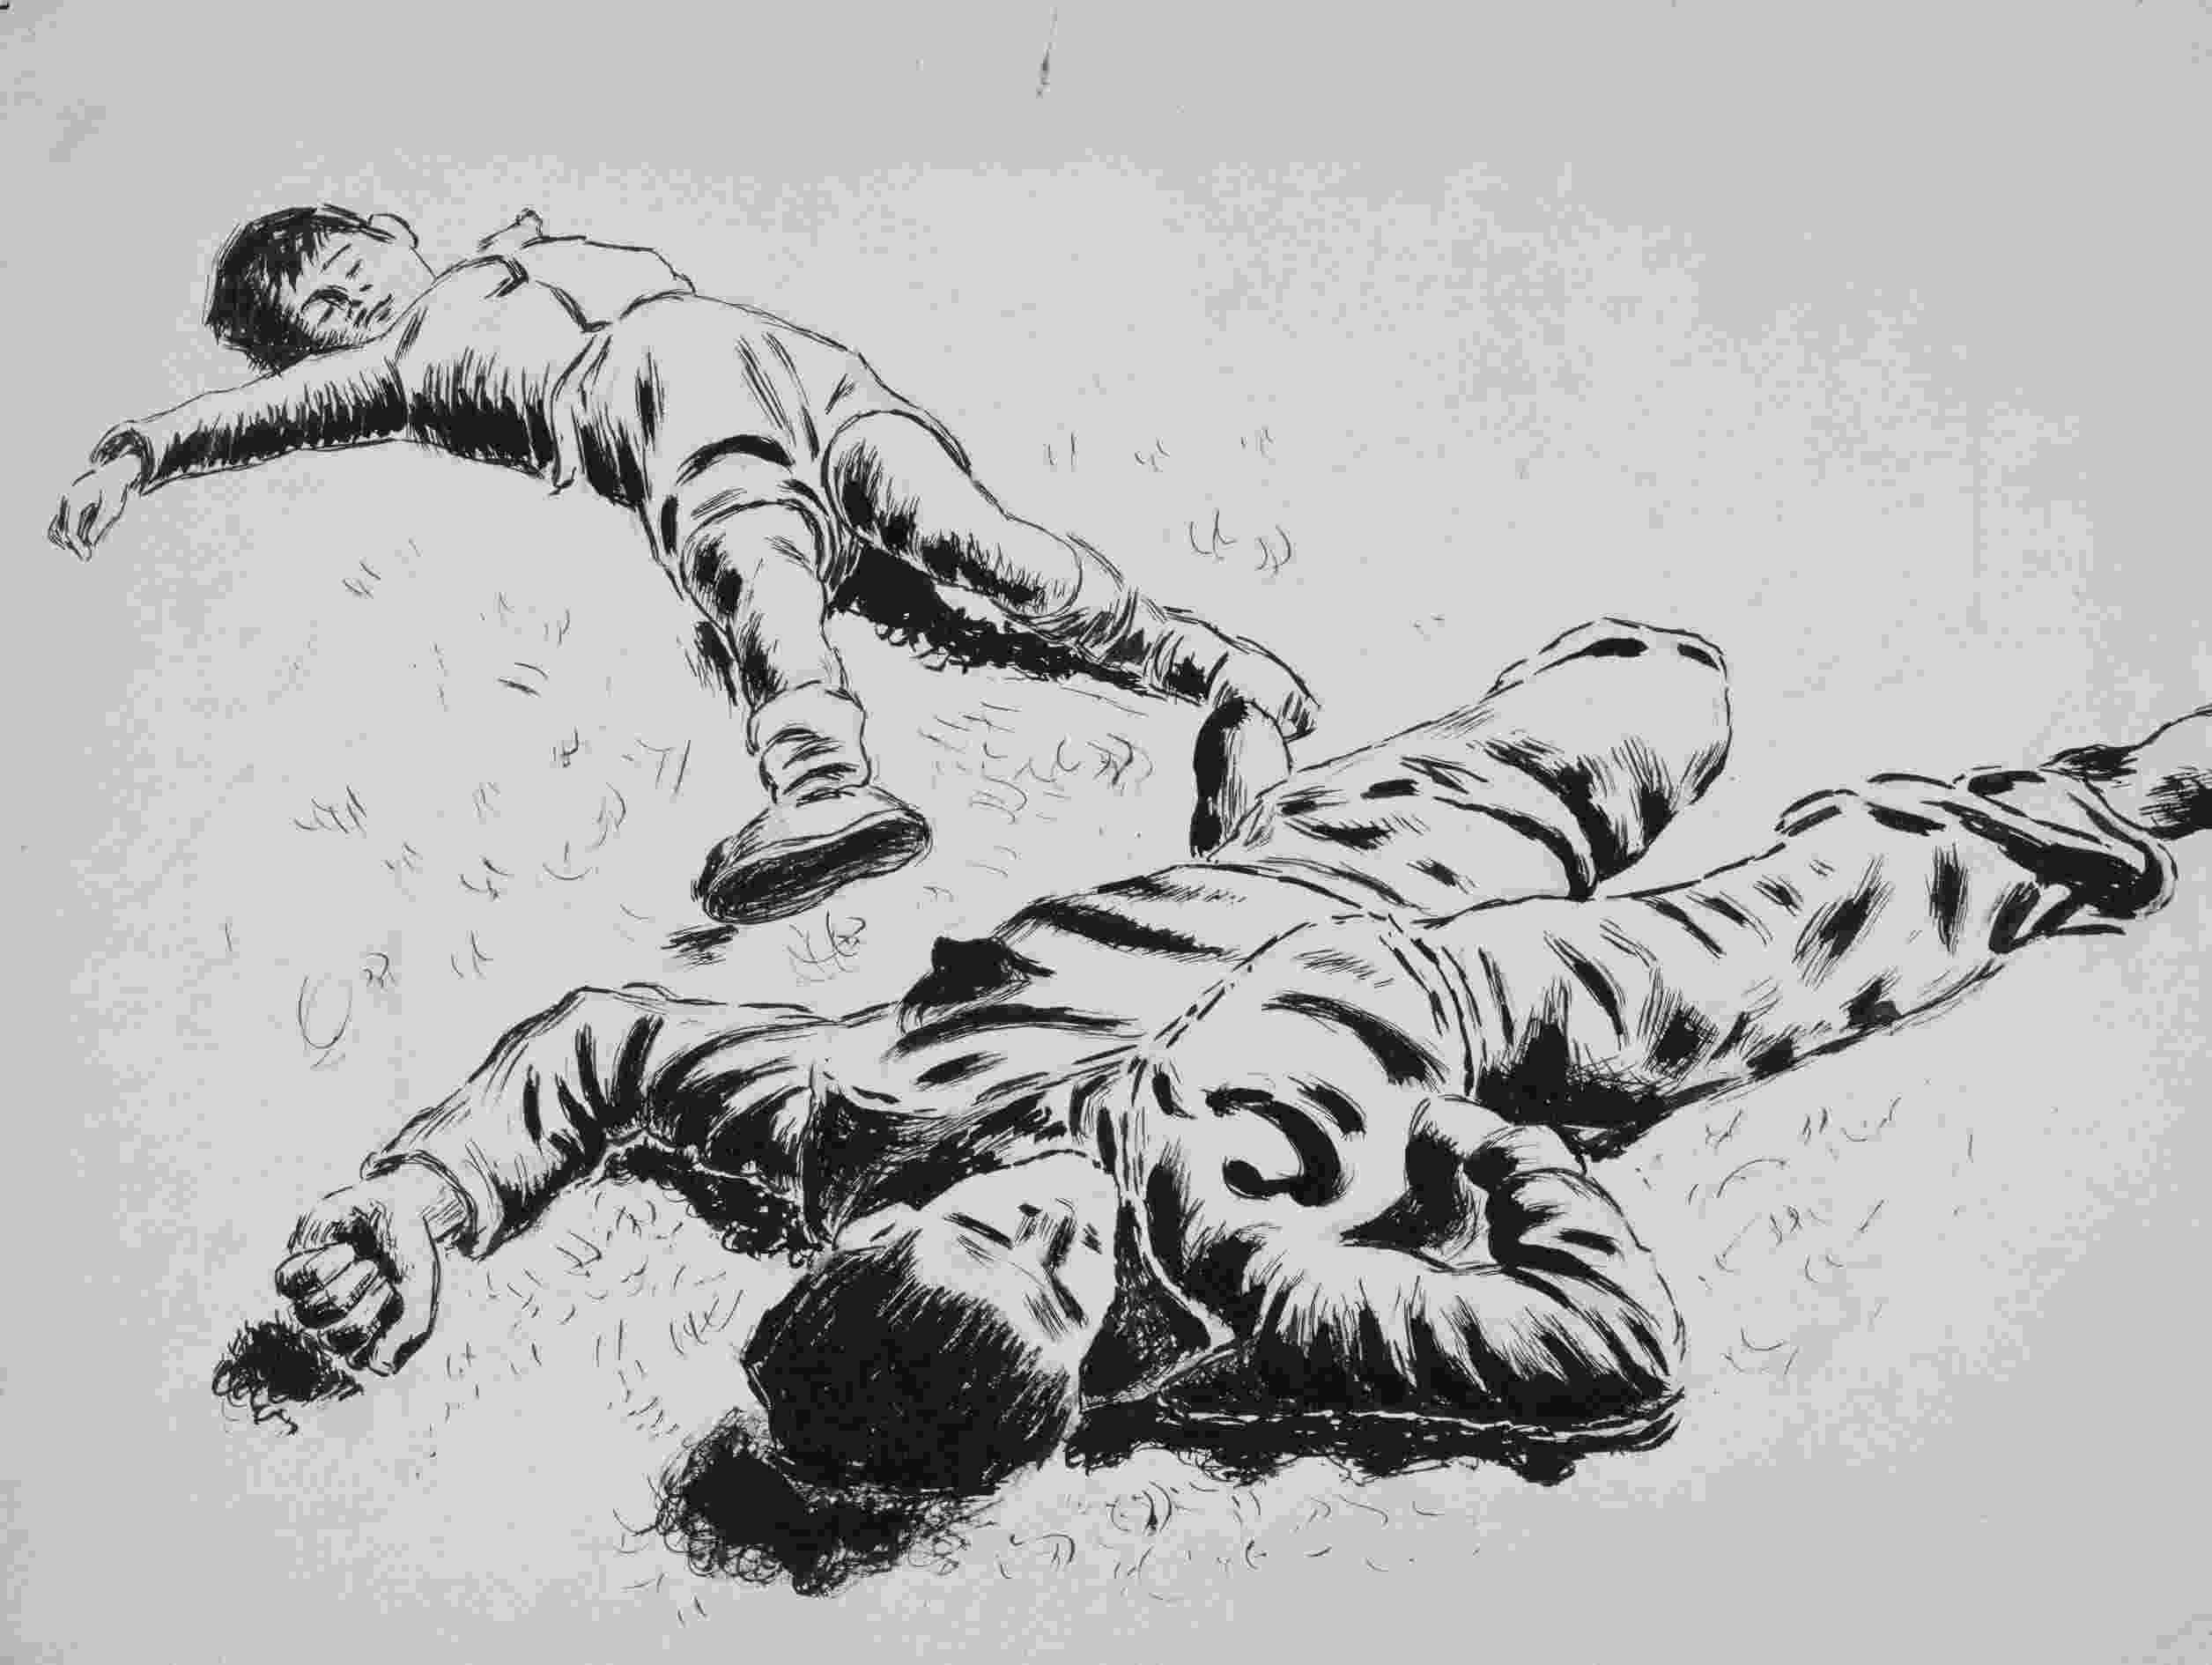 imagenes de soldados para dibujar horacio ferrer niños muertos en el suelo dead children dibujar de soldados imagenes para